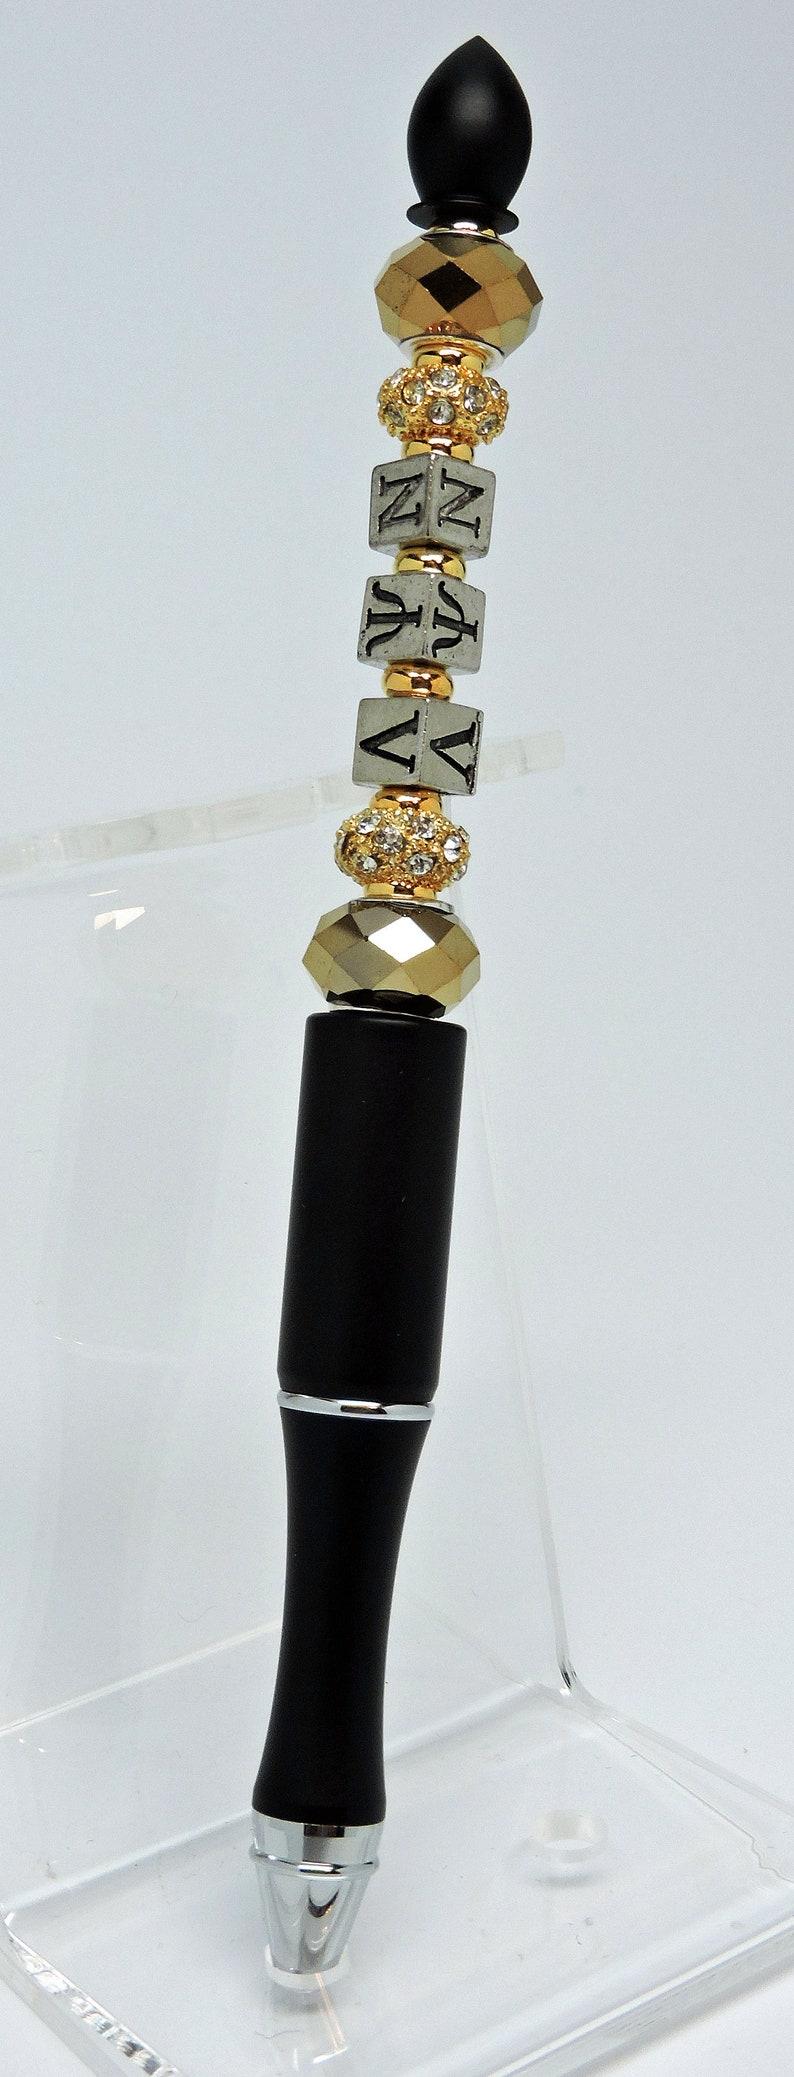 NEW Lambda Psi Nu Sorority Beaded Ballpoint Pen image 0